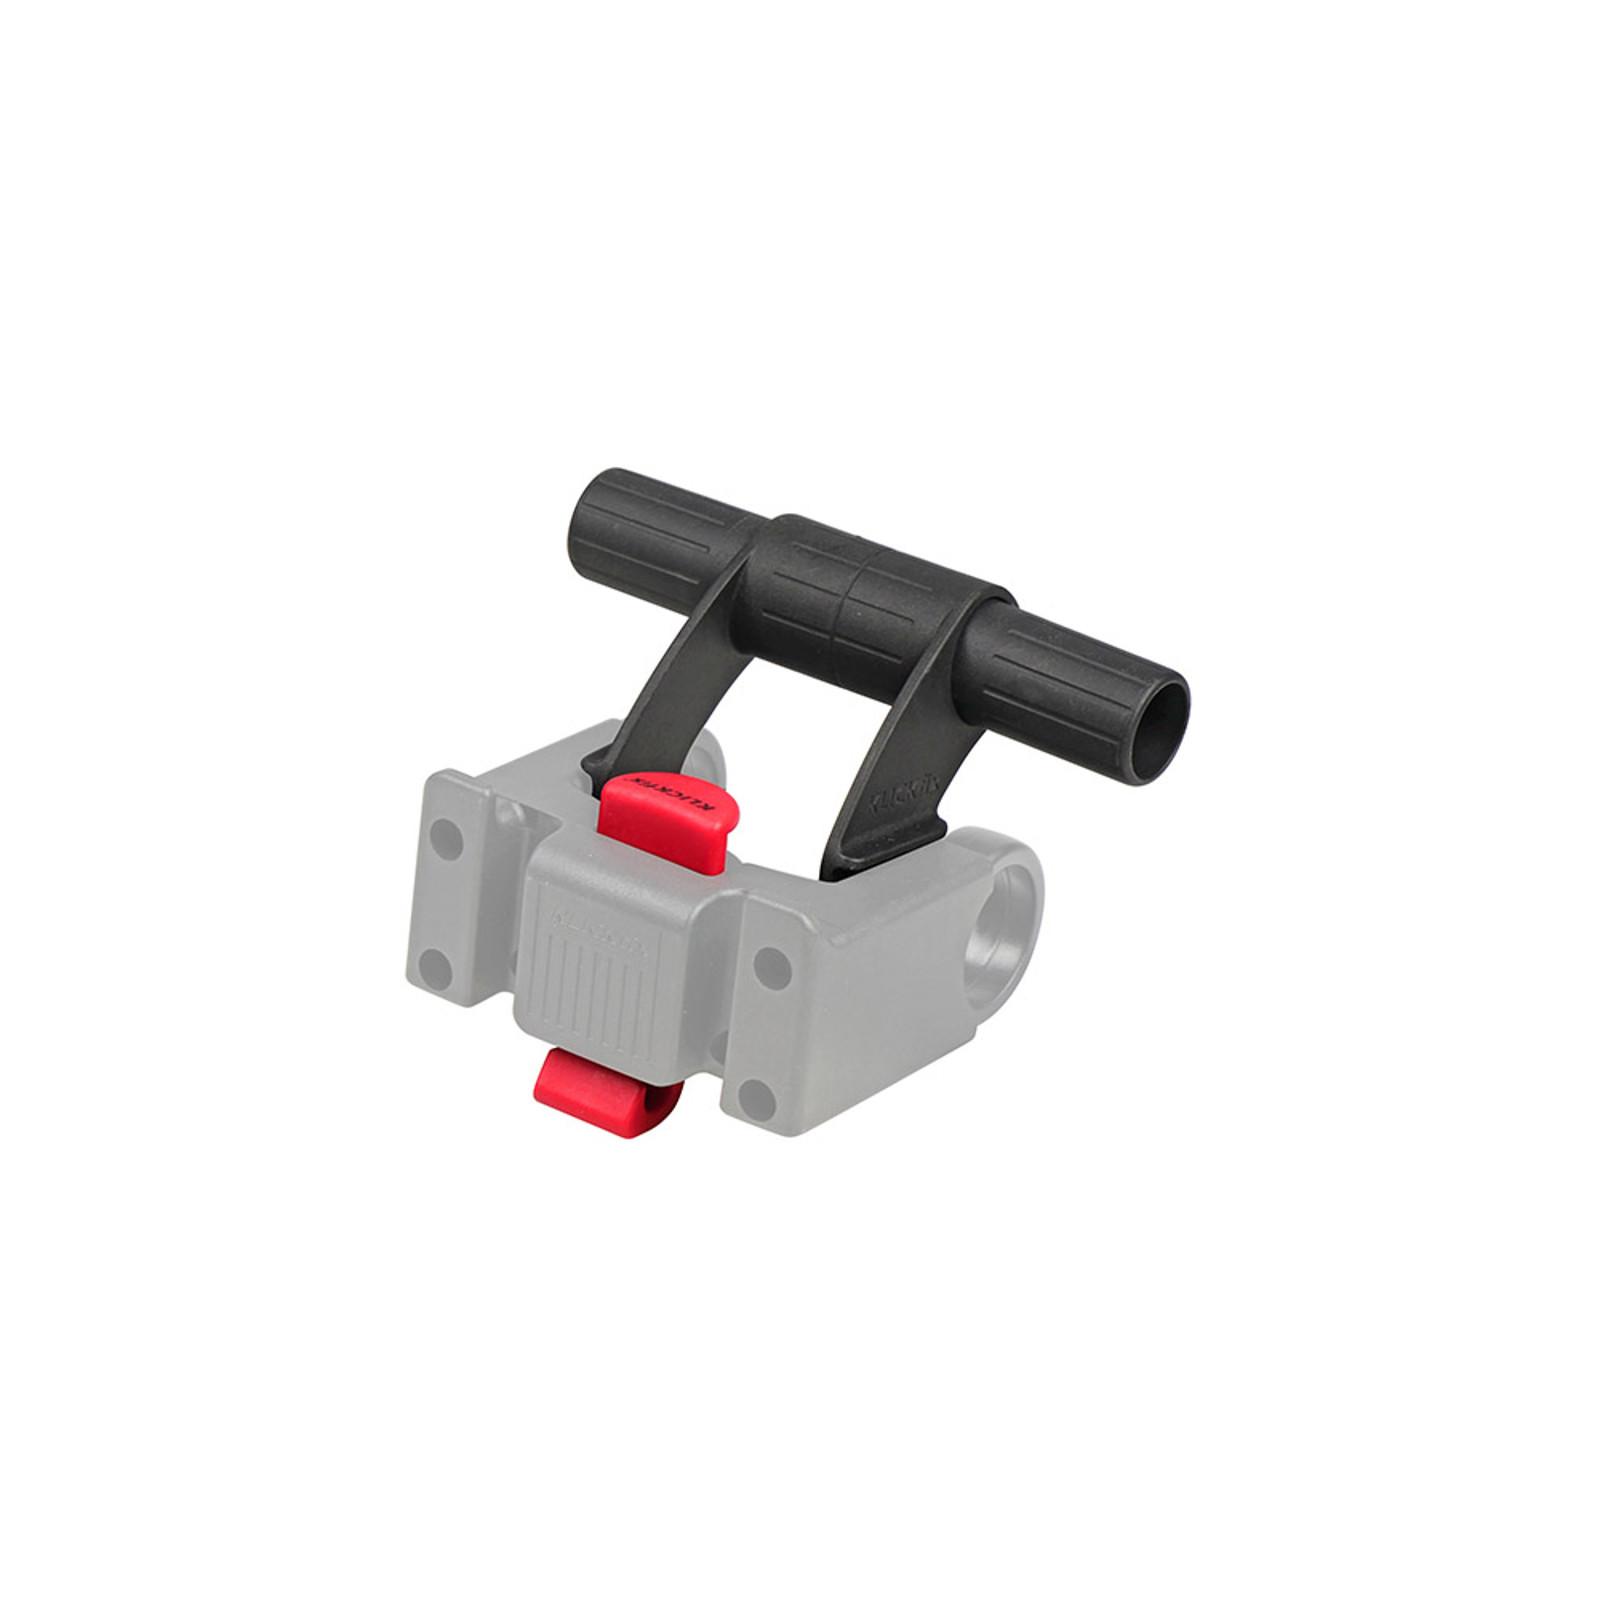 Klickfix Multiclip Plus